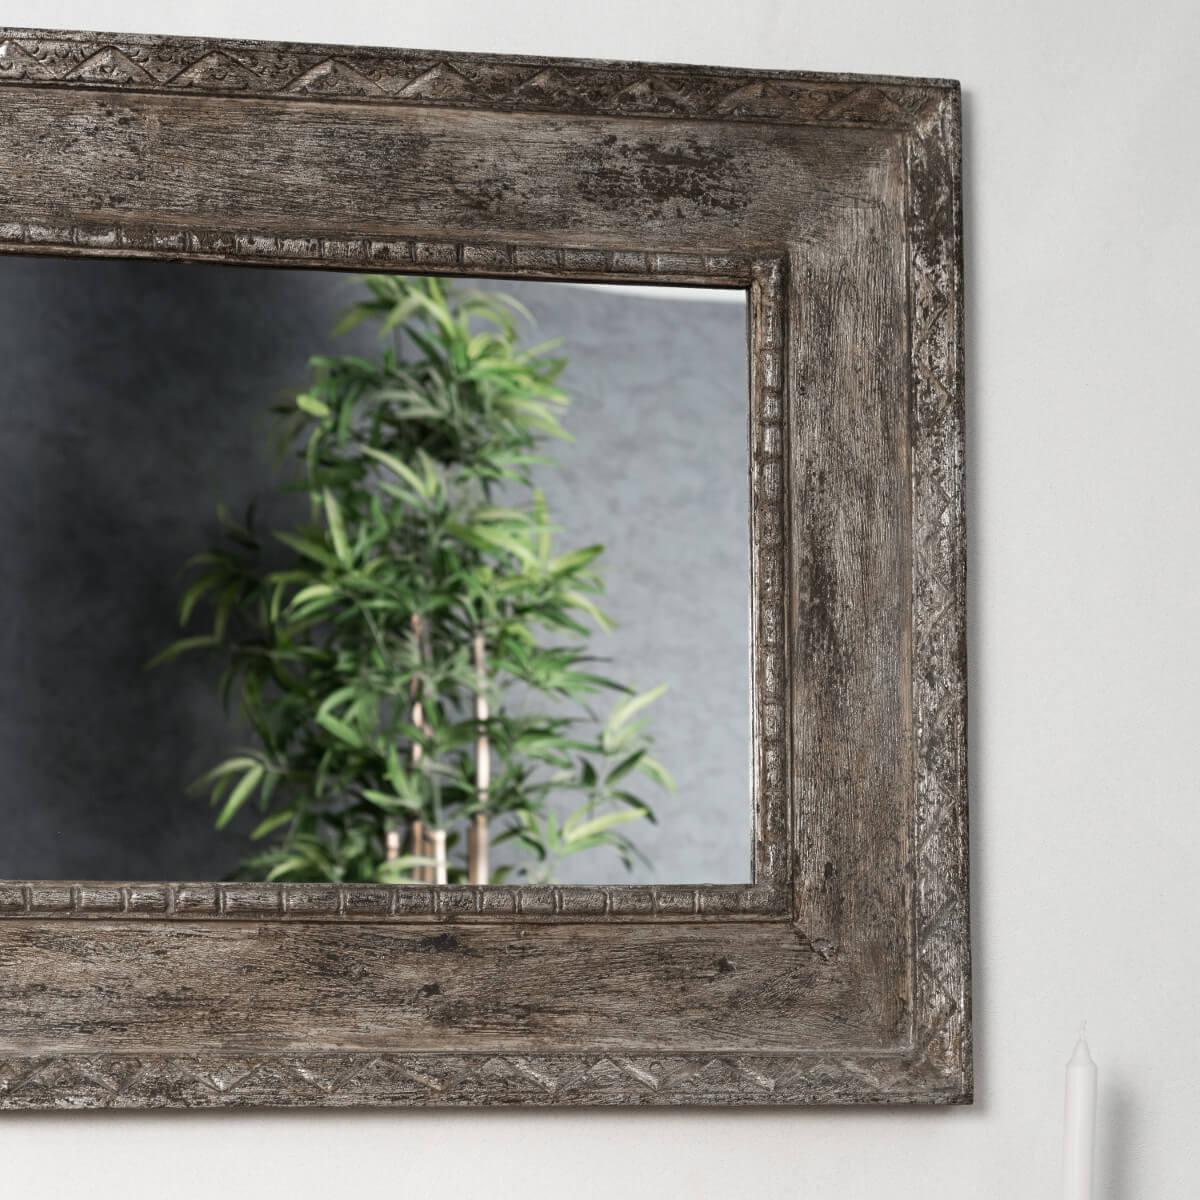 Miroir palerme en bois patin bronze c rus 100cm x 70cm for Miroir bois ceruse